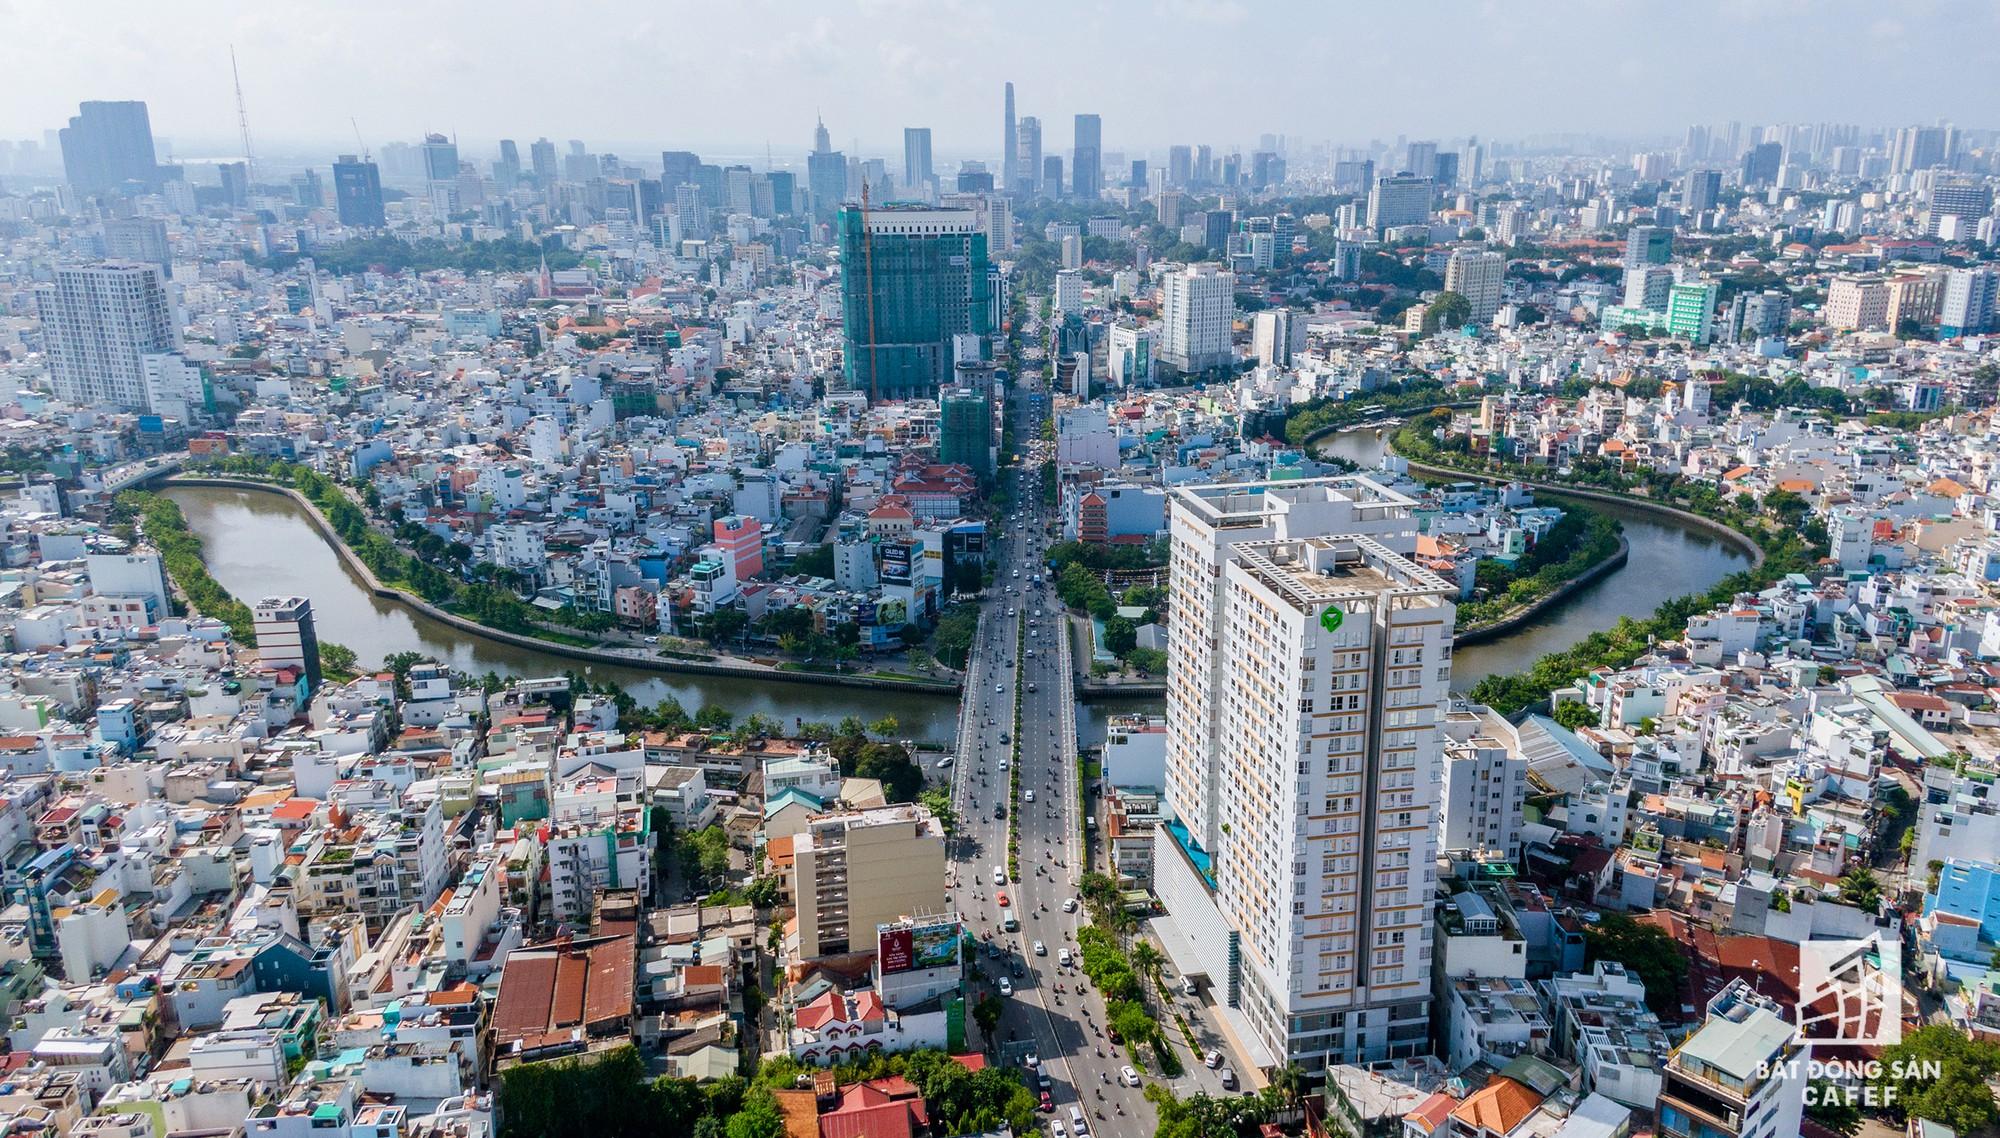 Toàn cảnh tiến độ các dự án của Novaland năm 2019 tại TP.HCM, Vũng Tàu, Phan Thiết và Cam Ranh - Ảnh 4.